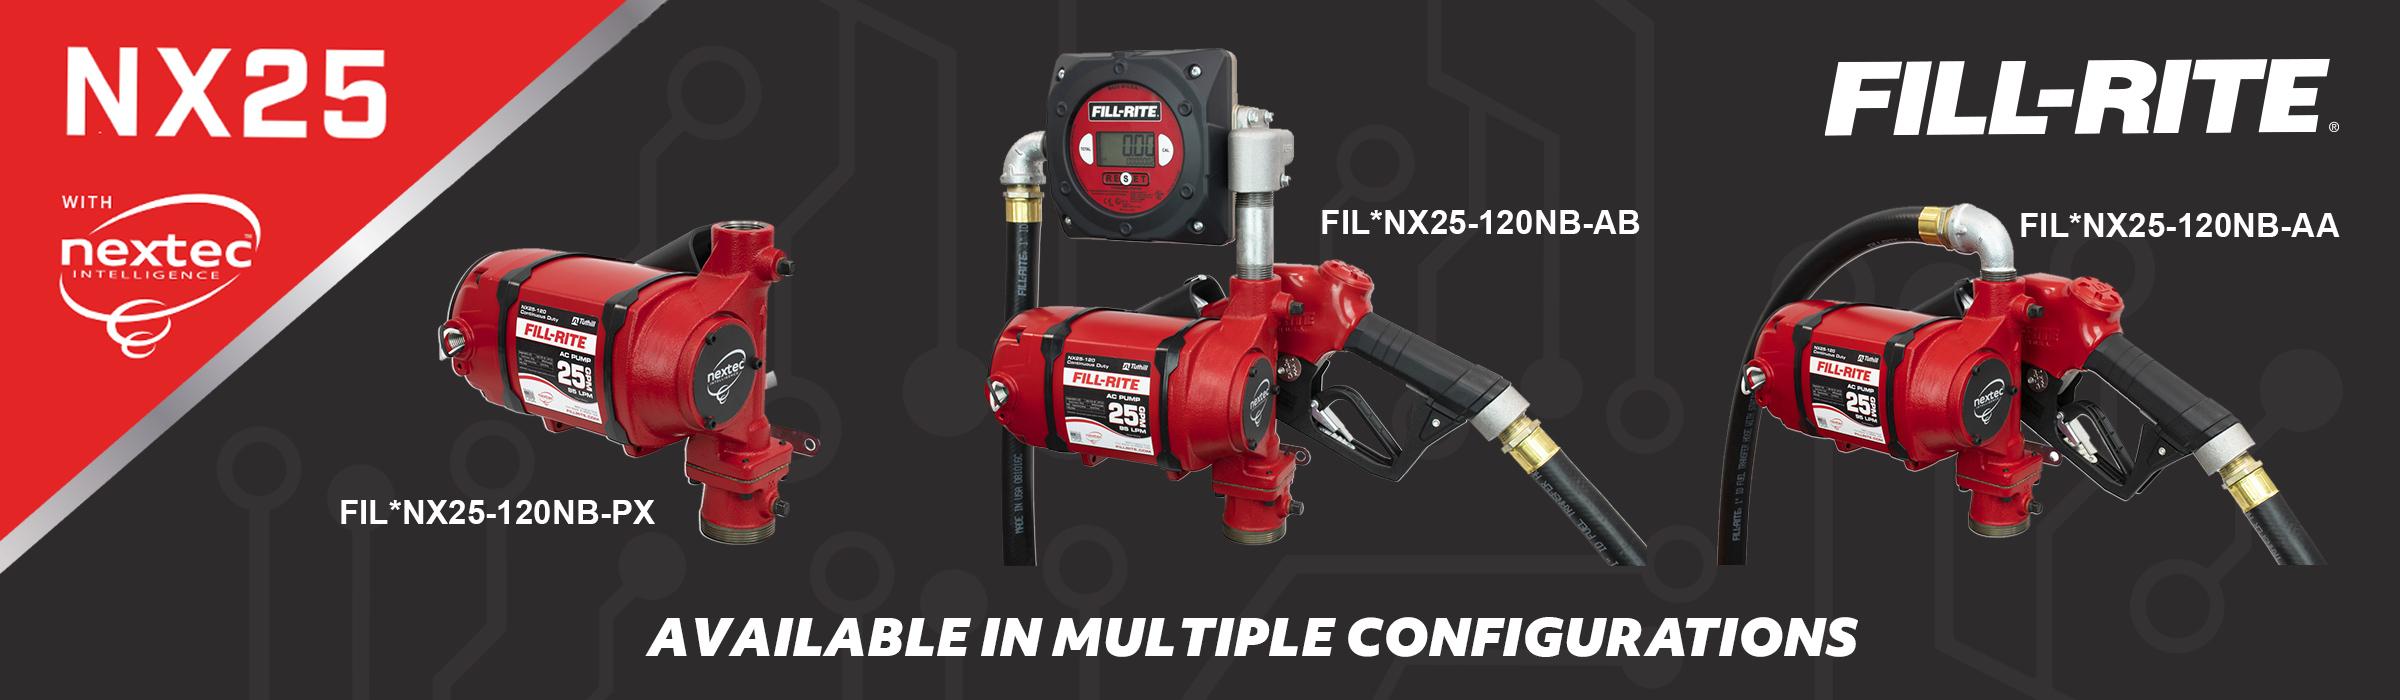 Fill-Rite NX Series Pumps